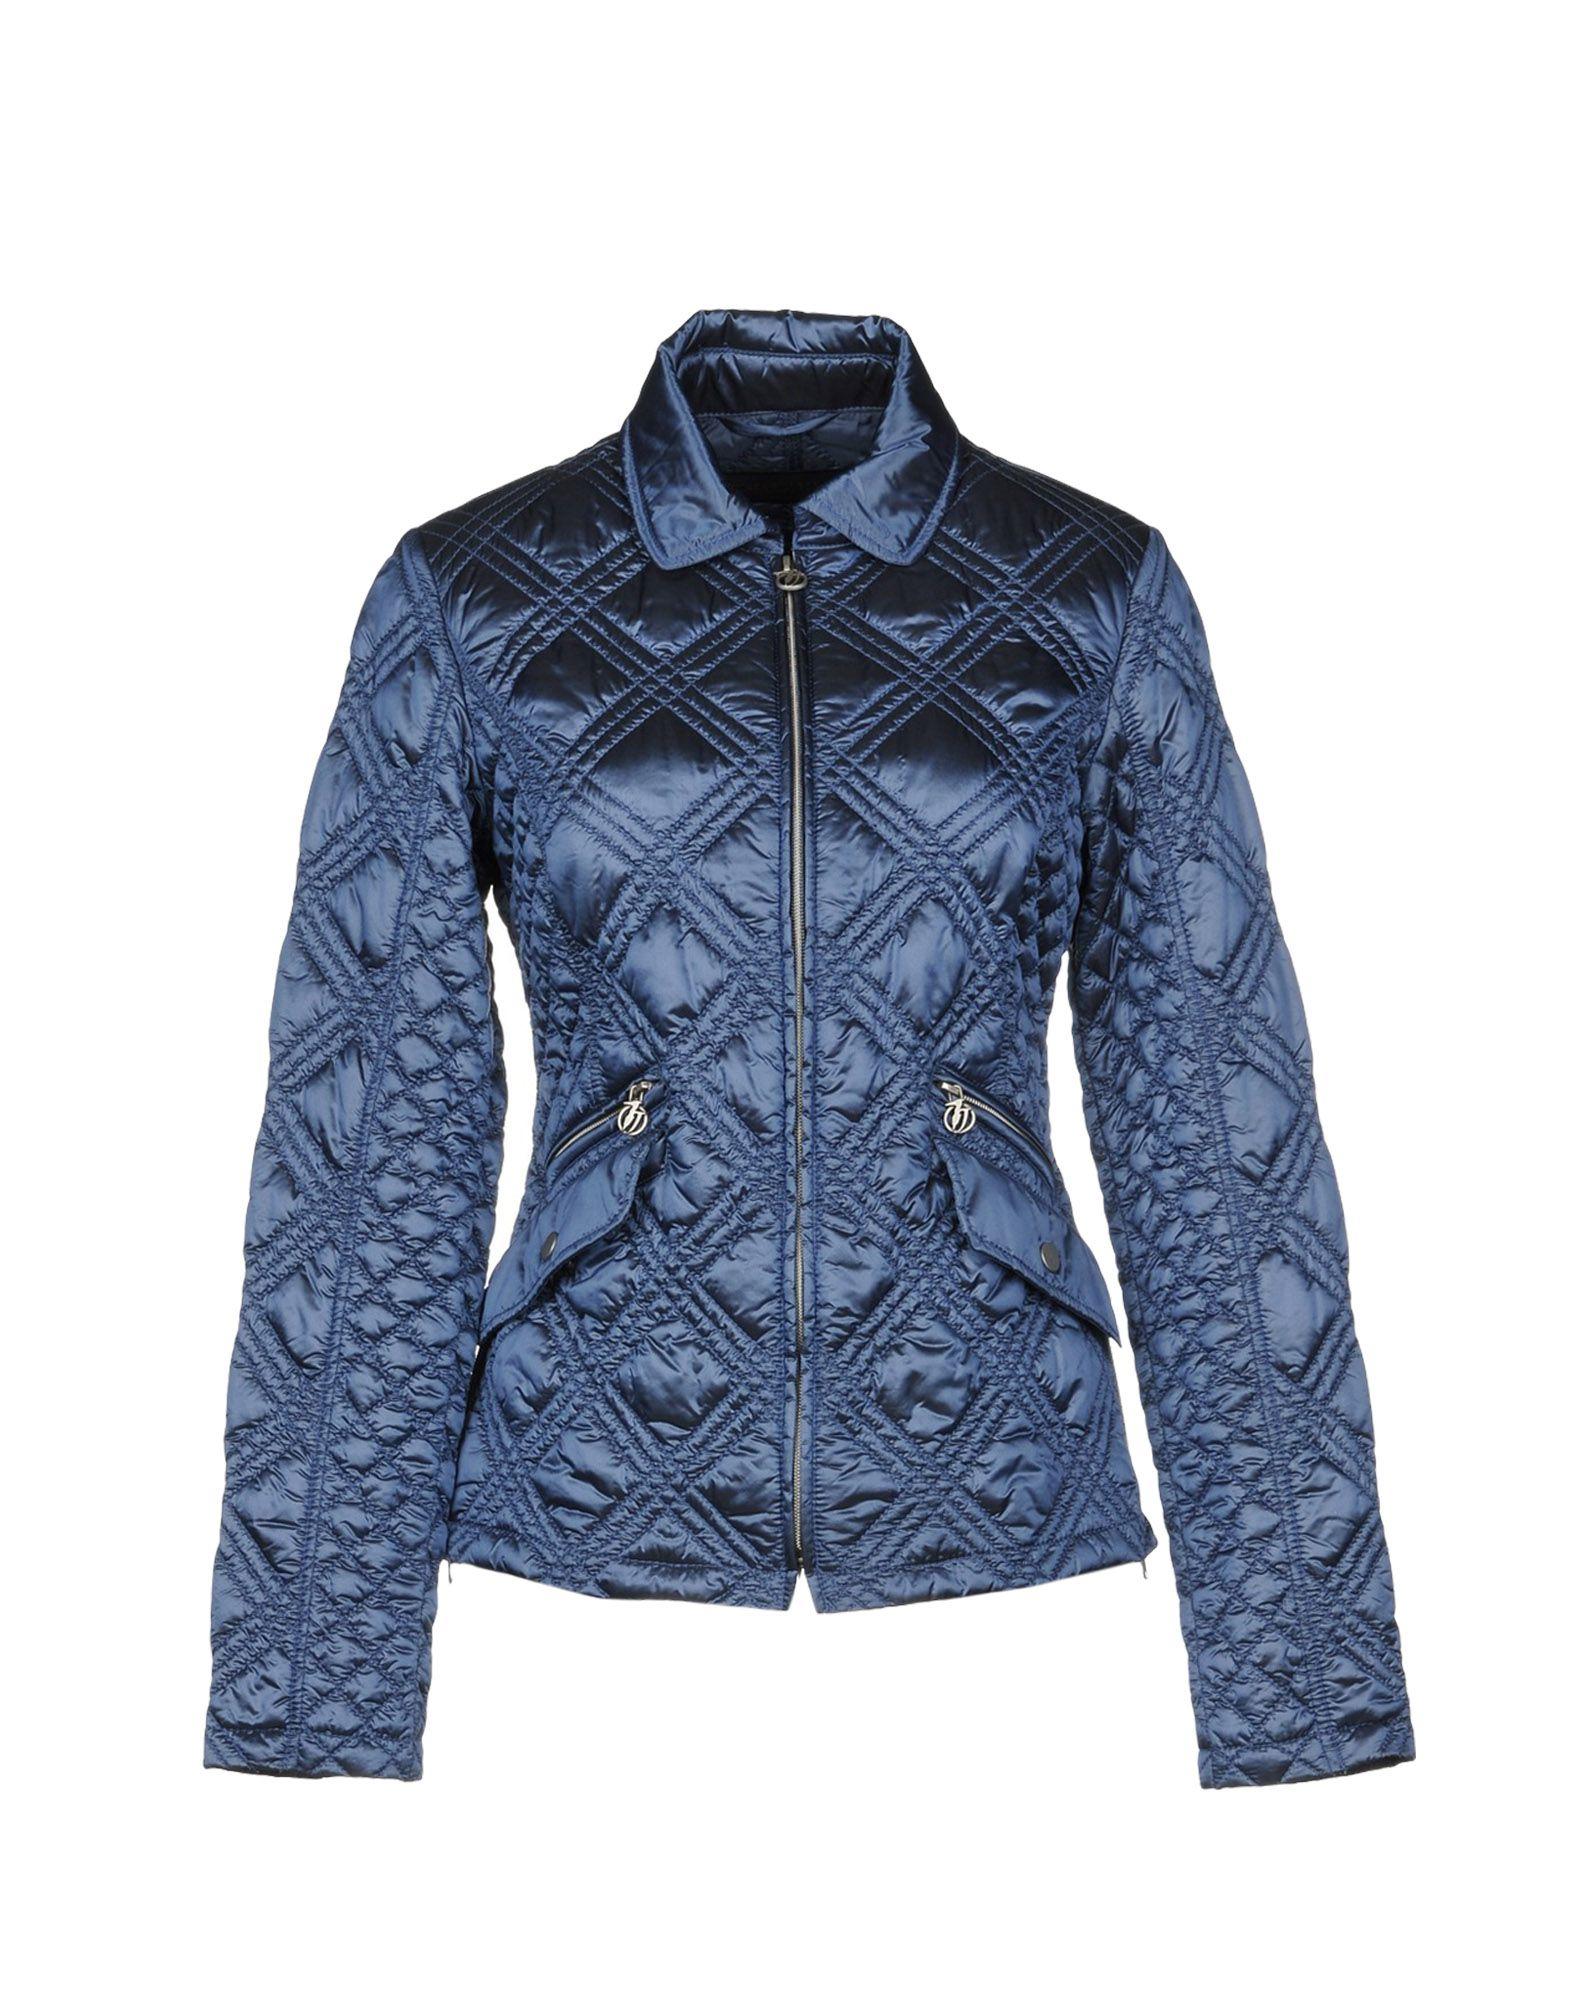 Piumino Sintetico Trussardi Jeans Donna - Acquista online su kZa1QXbbx